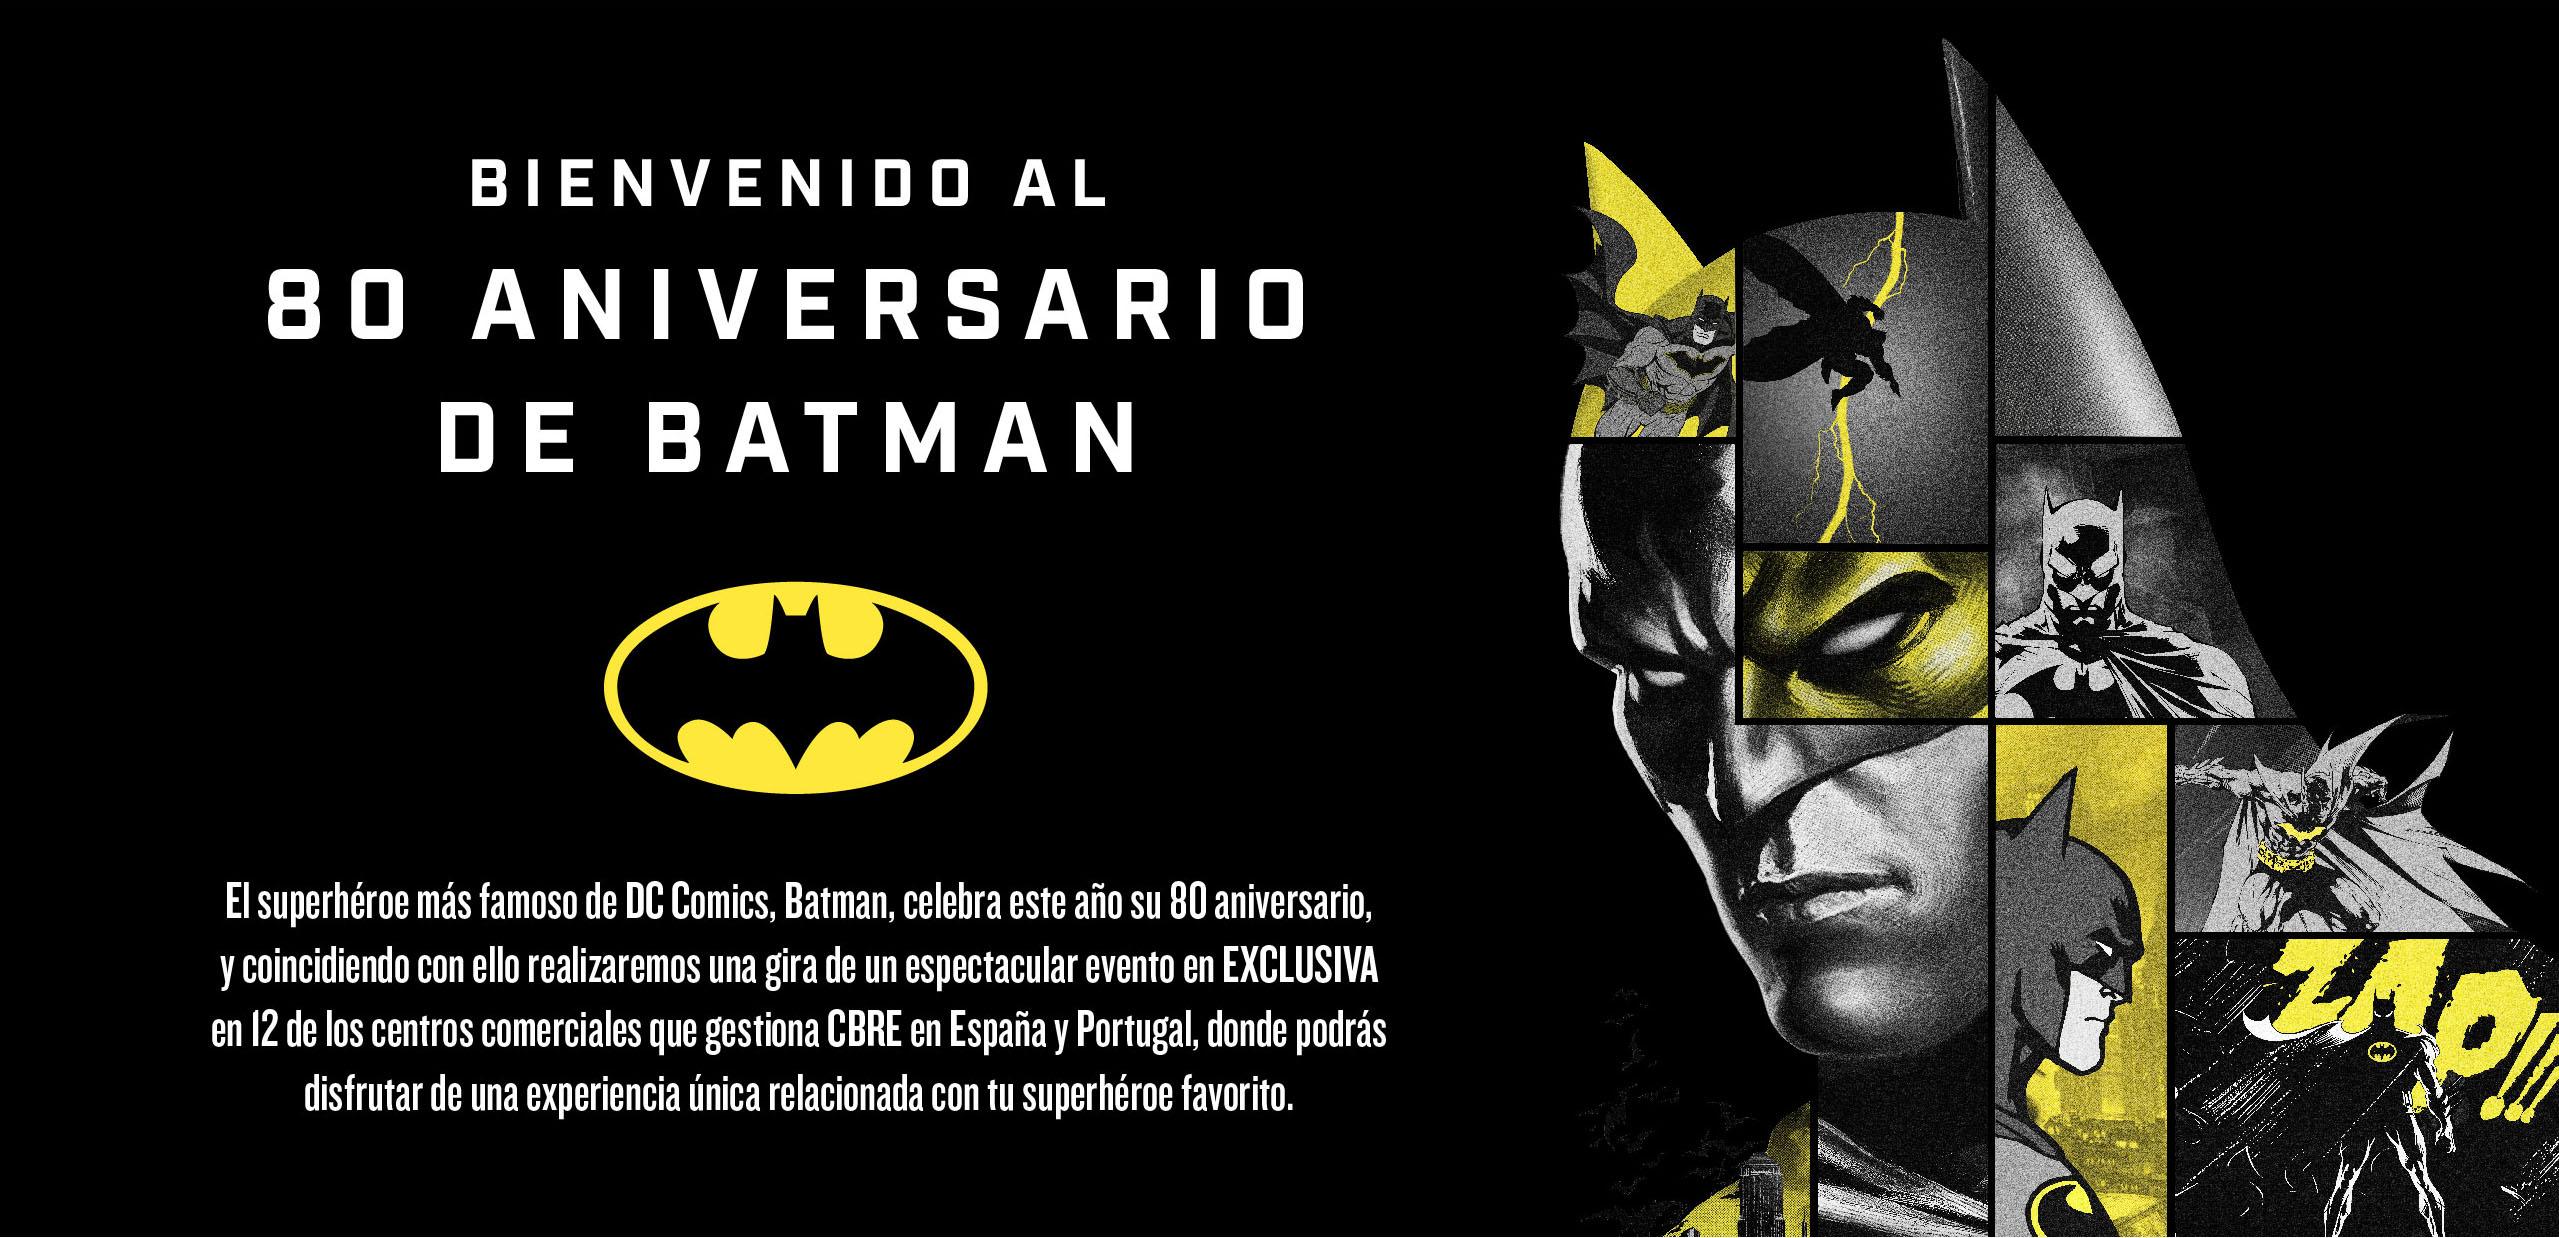 Batman 80 Aniversario evento GRATUITO (Varias ciudades España)